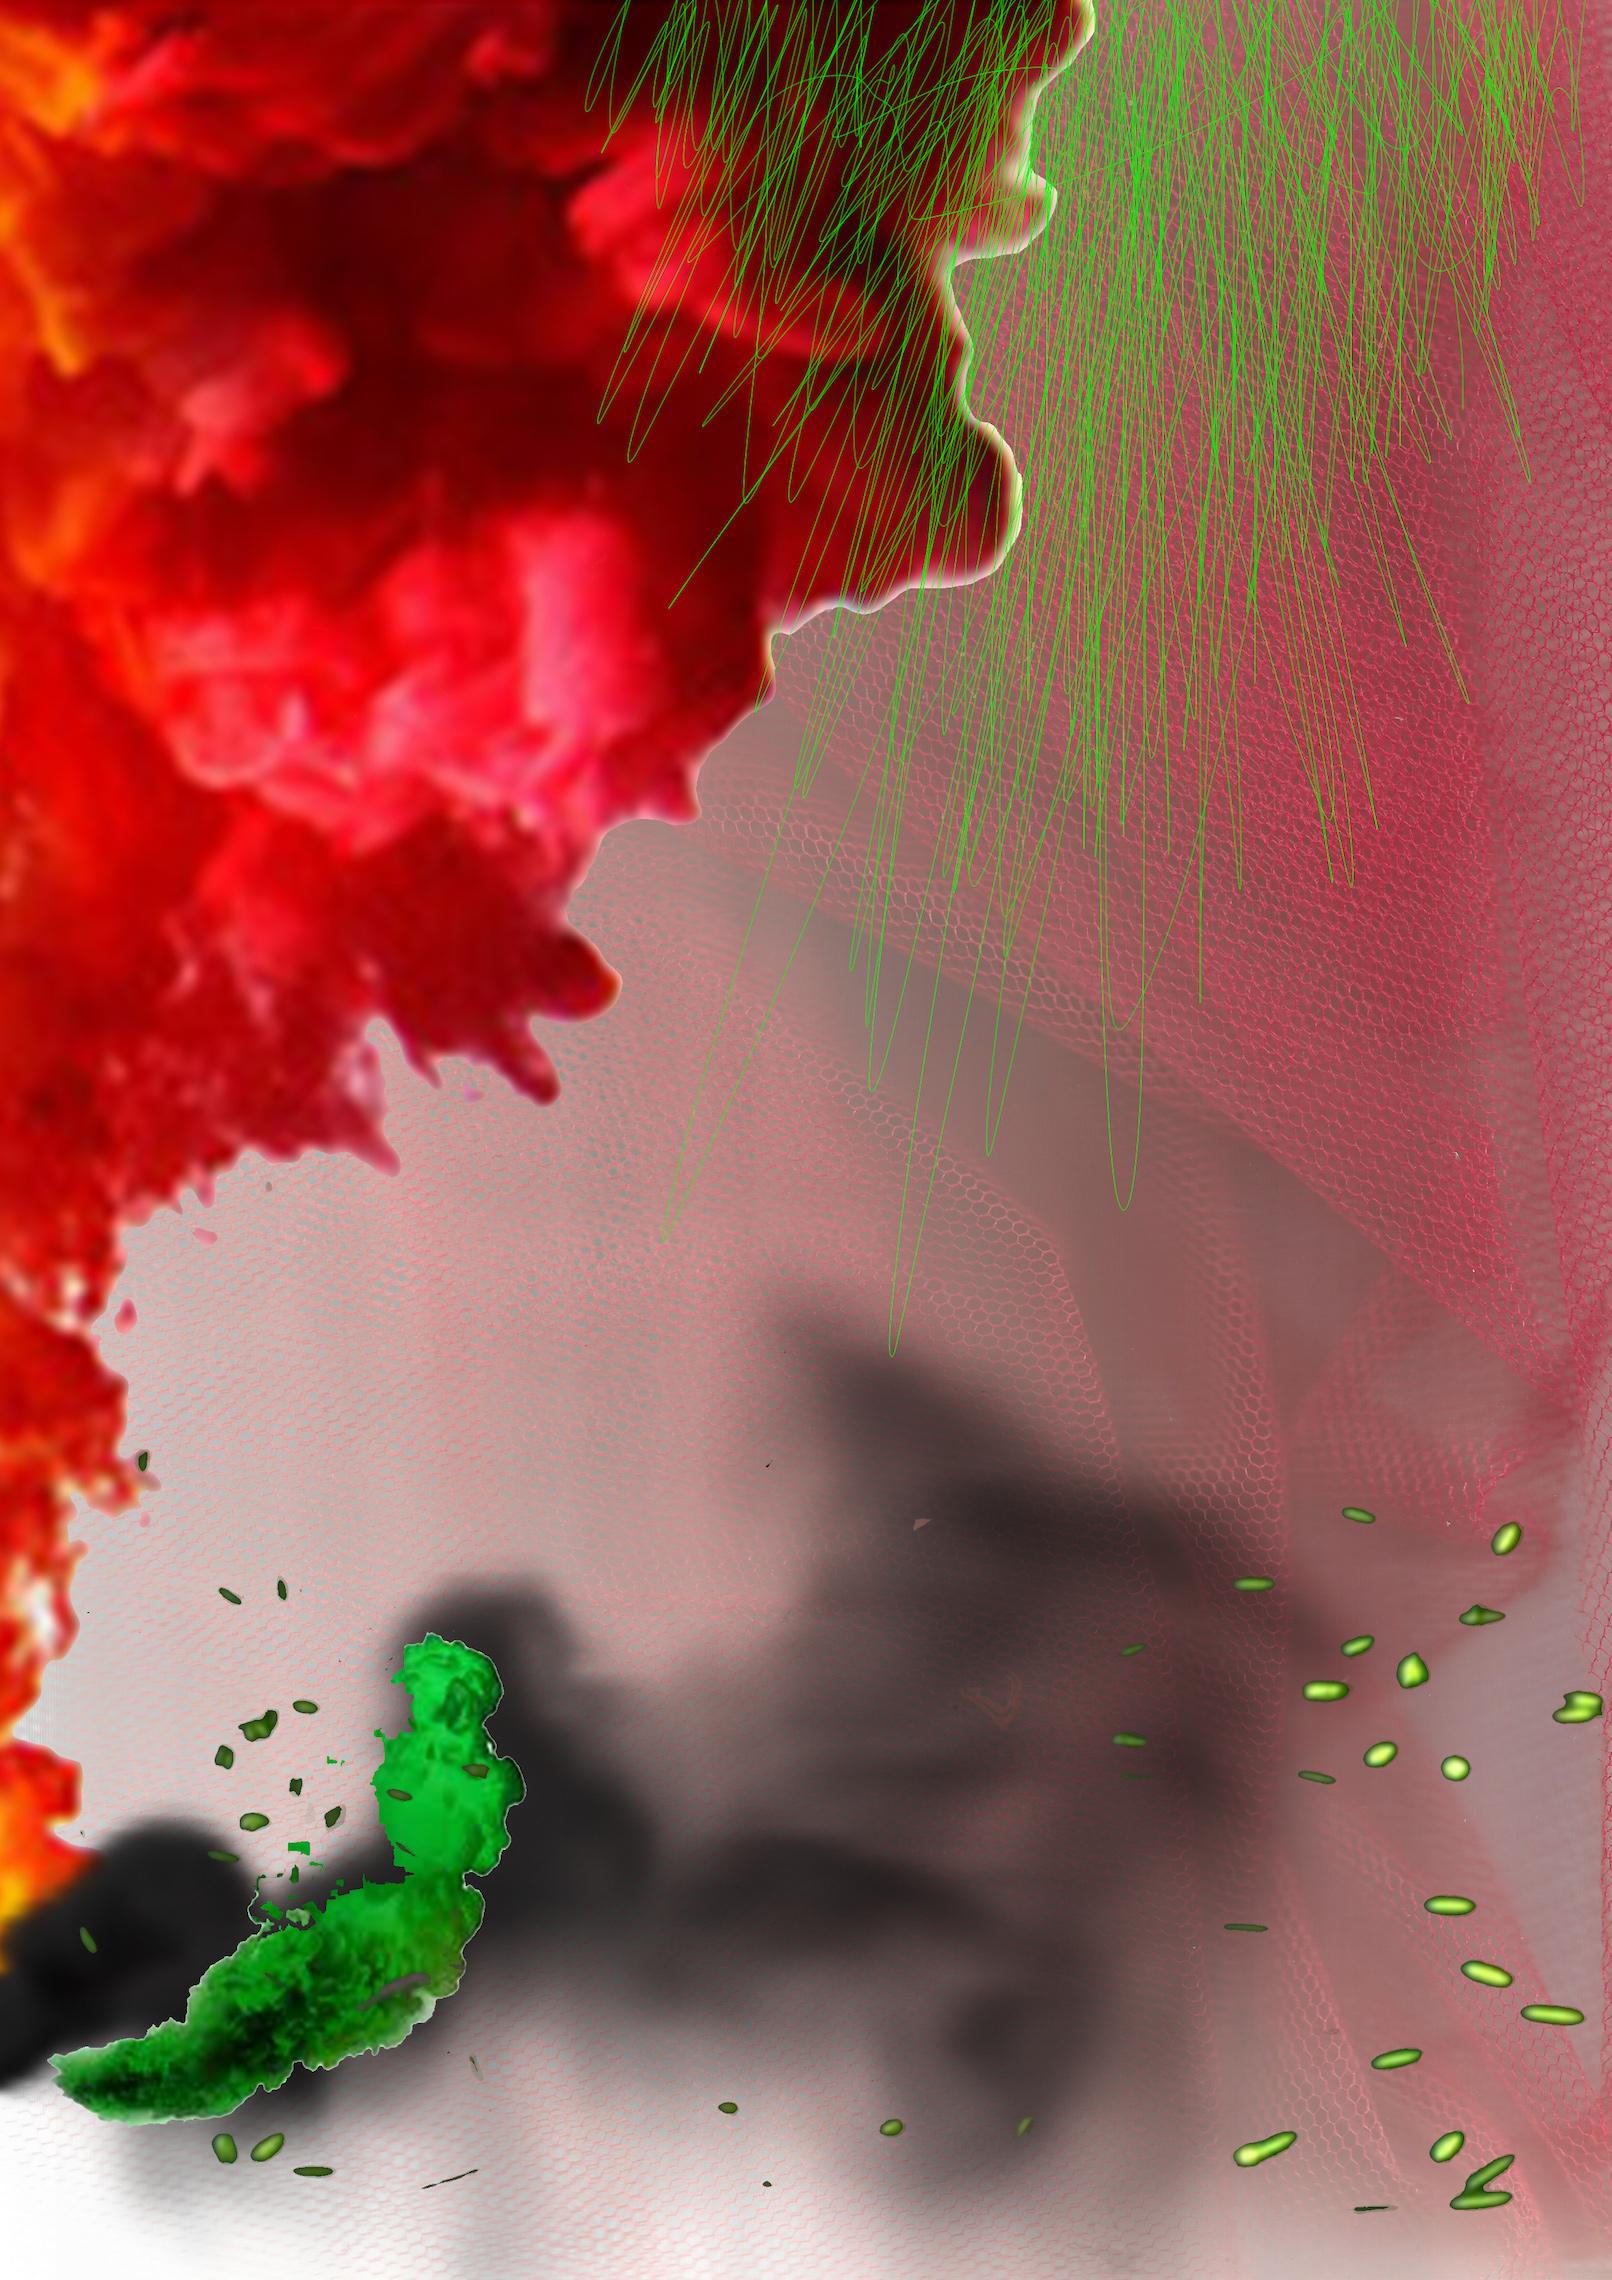 Hellmouth 6 Ajpg.jpg